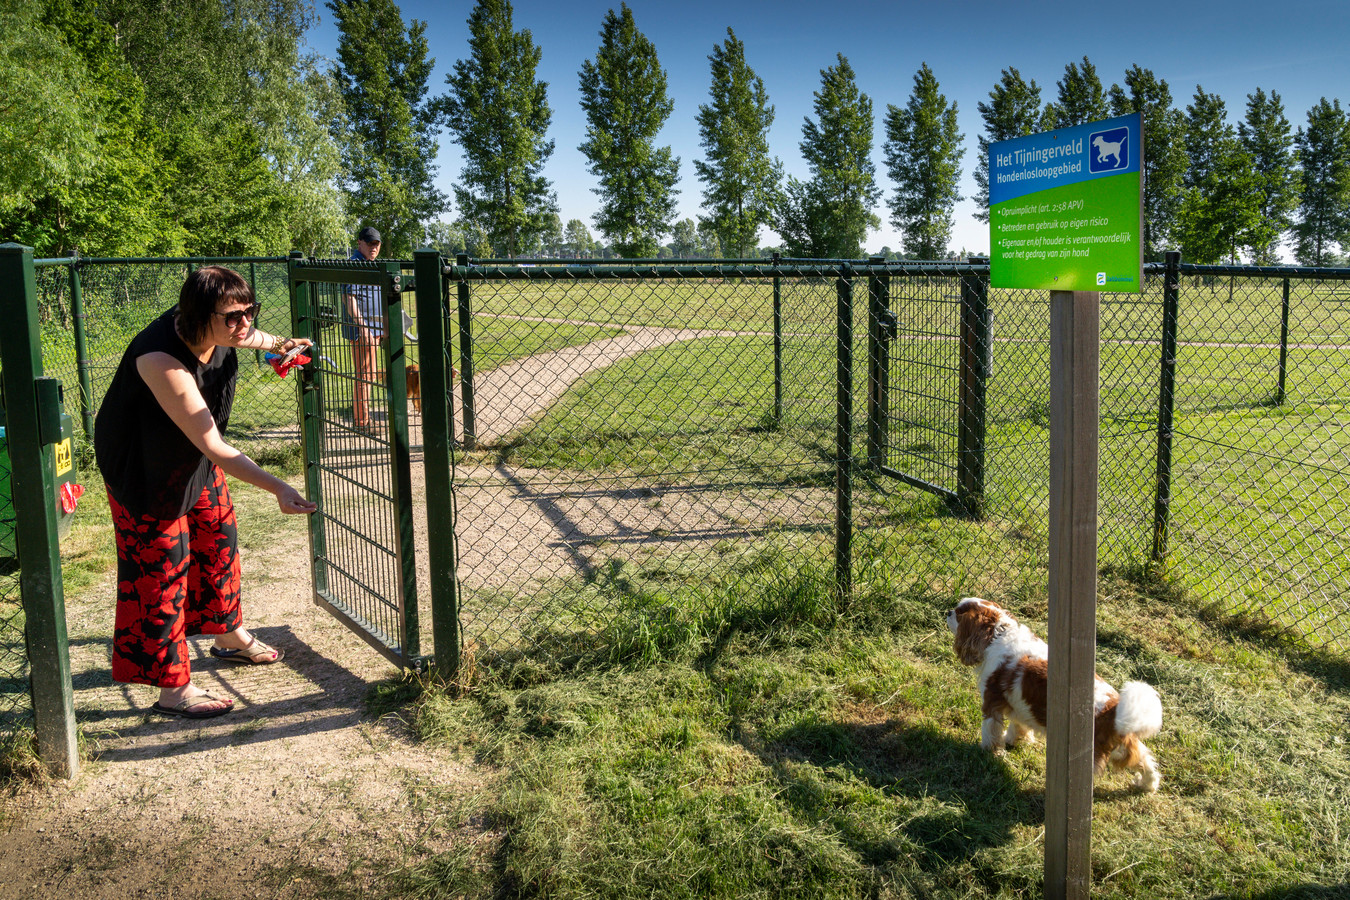 Hondenuitlaatplaats bij de Tijningenplas in Zaltbommel